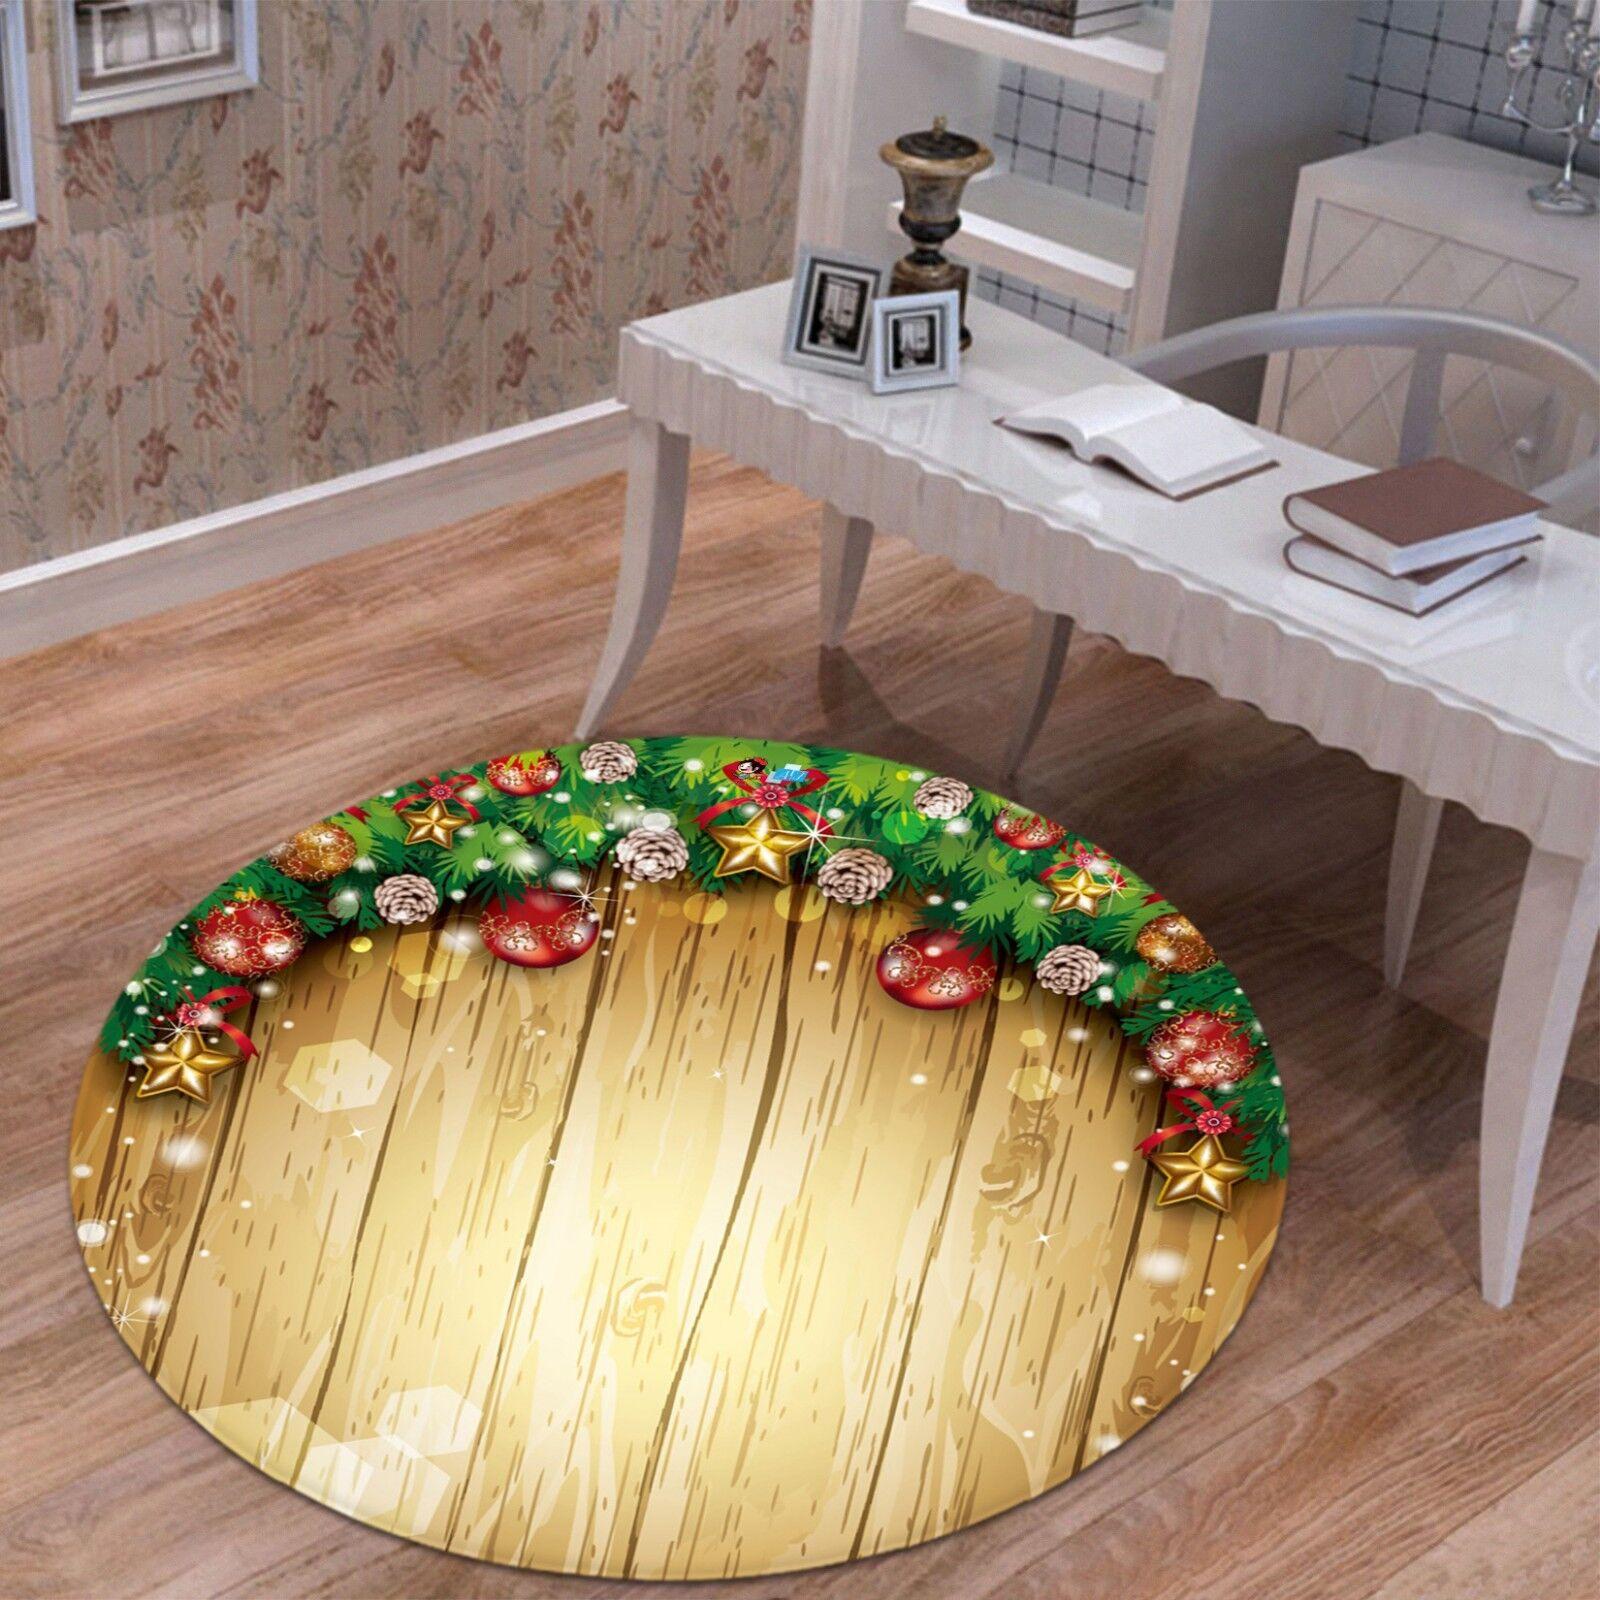 3d navidad Xmas 114 antideslizante alfombra para maletero espacio rondas elegante alfombra de